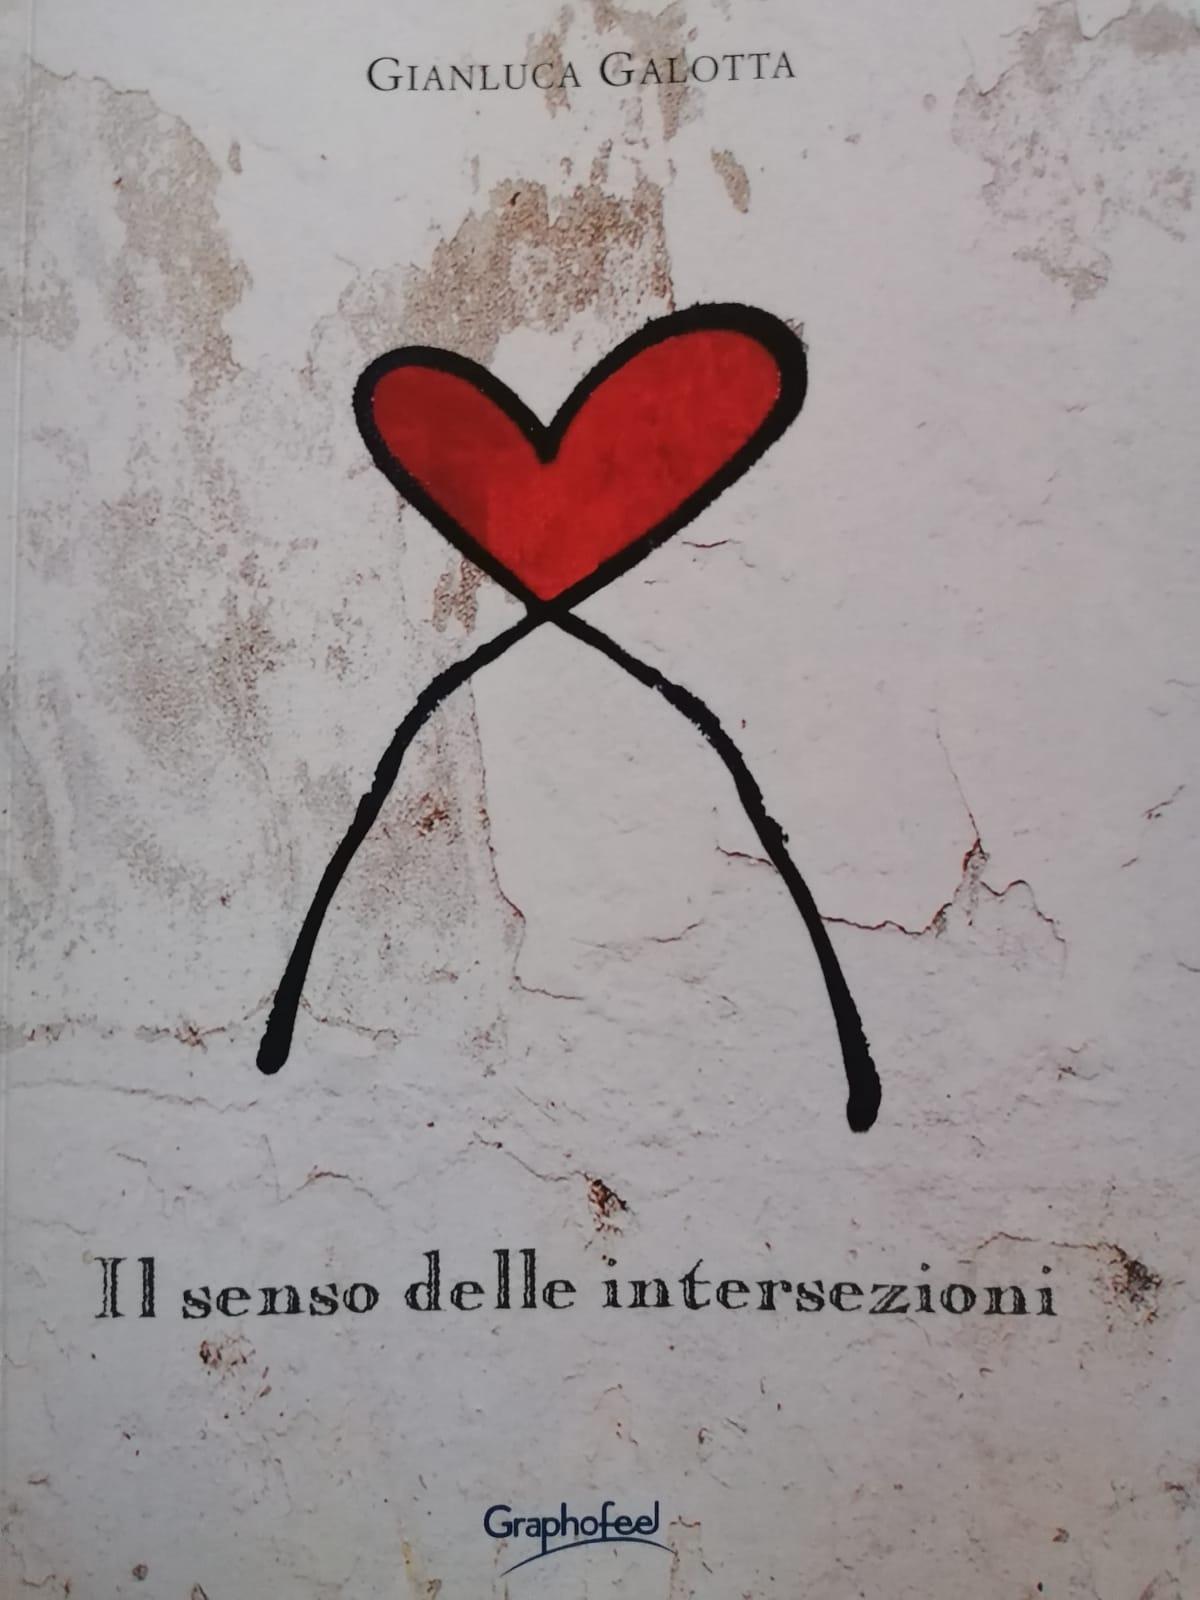 il senso delle intersezioni